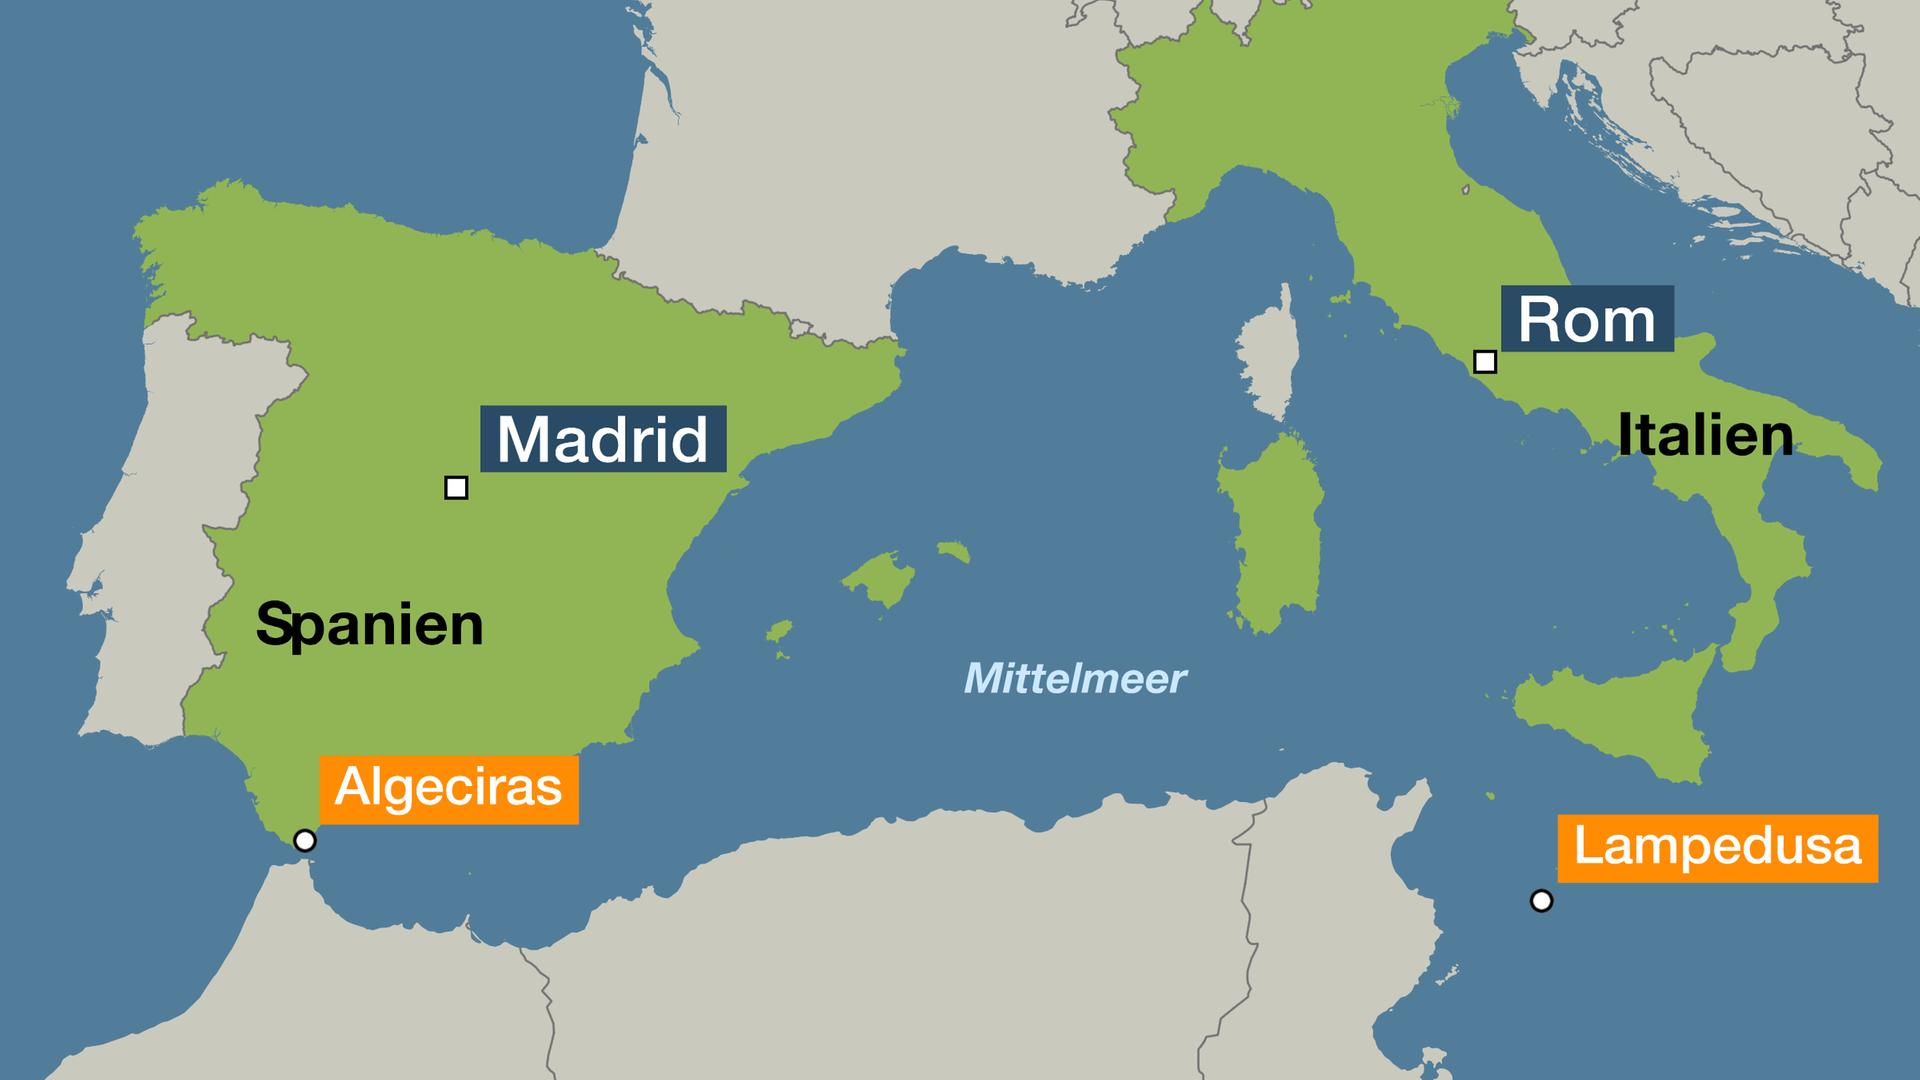 Italien Karte Lampedusa.Gerangel Um Migrantenboot Fahrt Zu Balearen Fur Open Arms